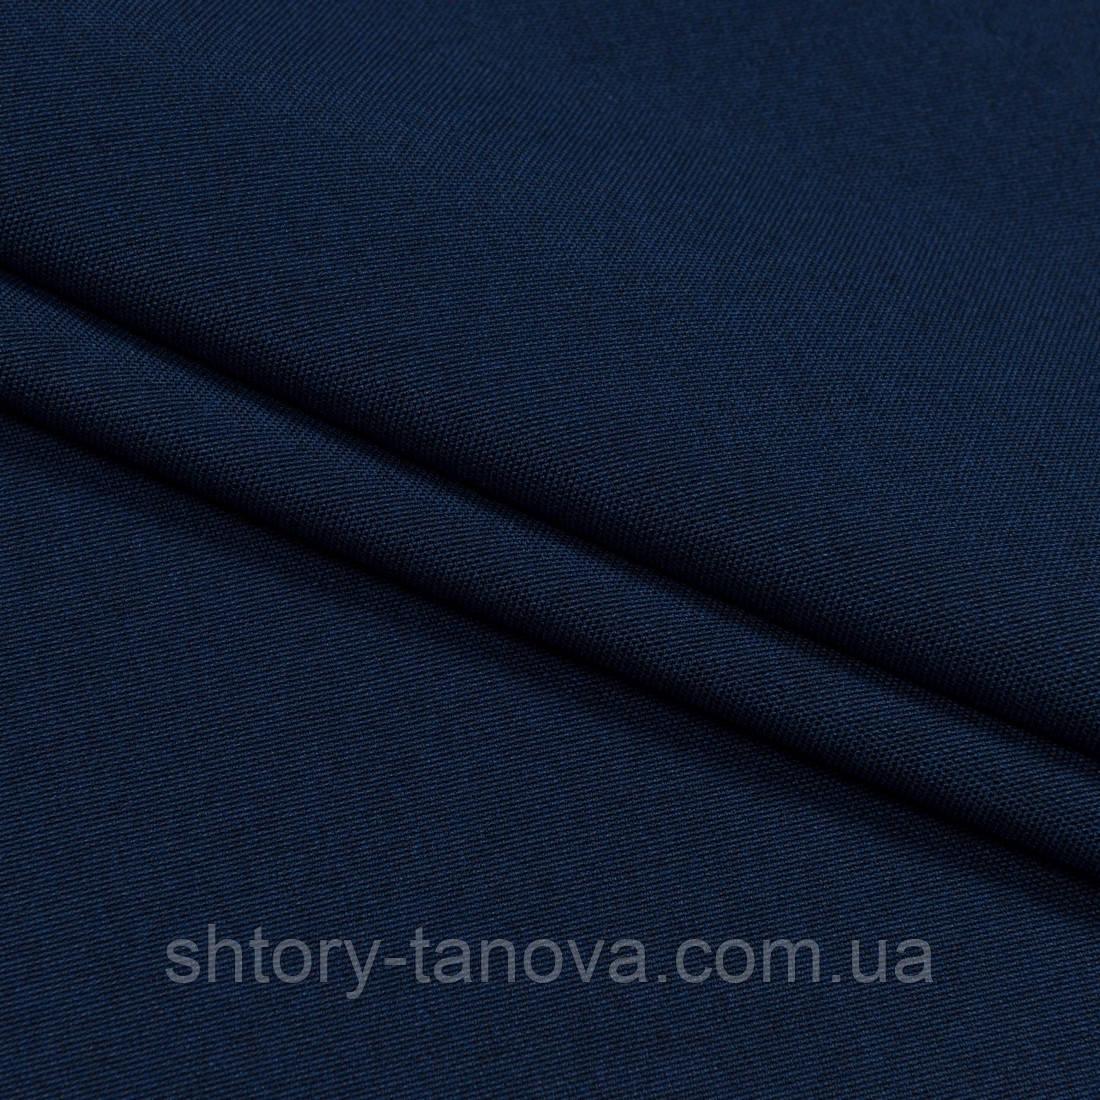 Декоративна тканина щільна рогожка т. синій